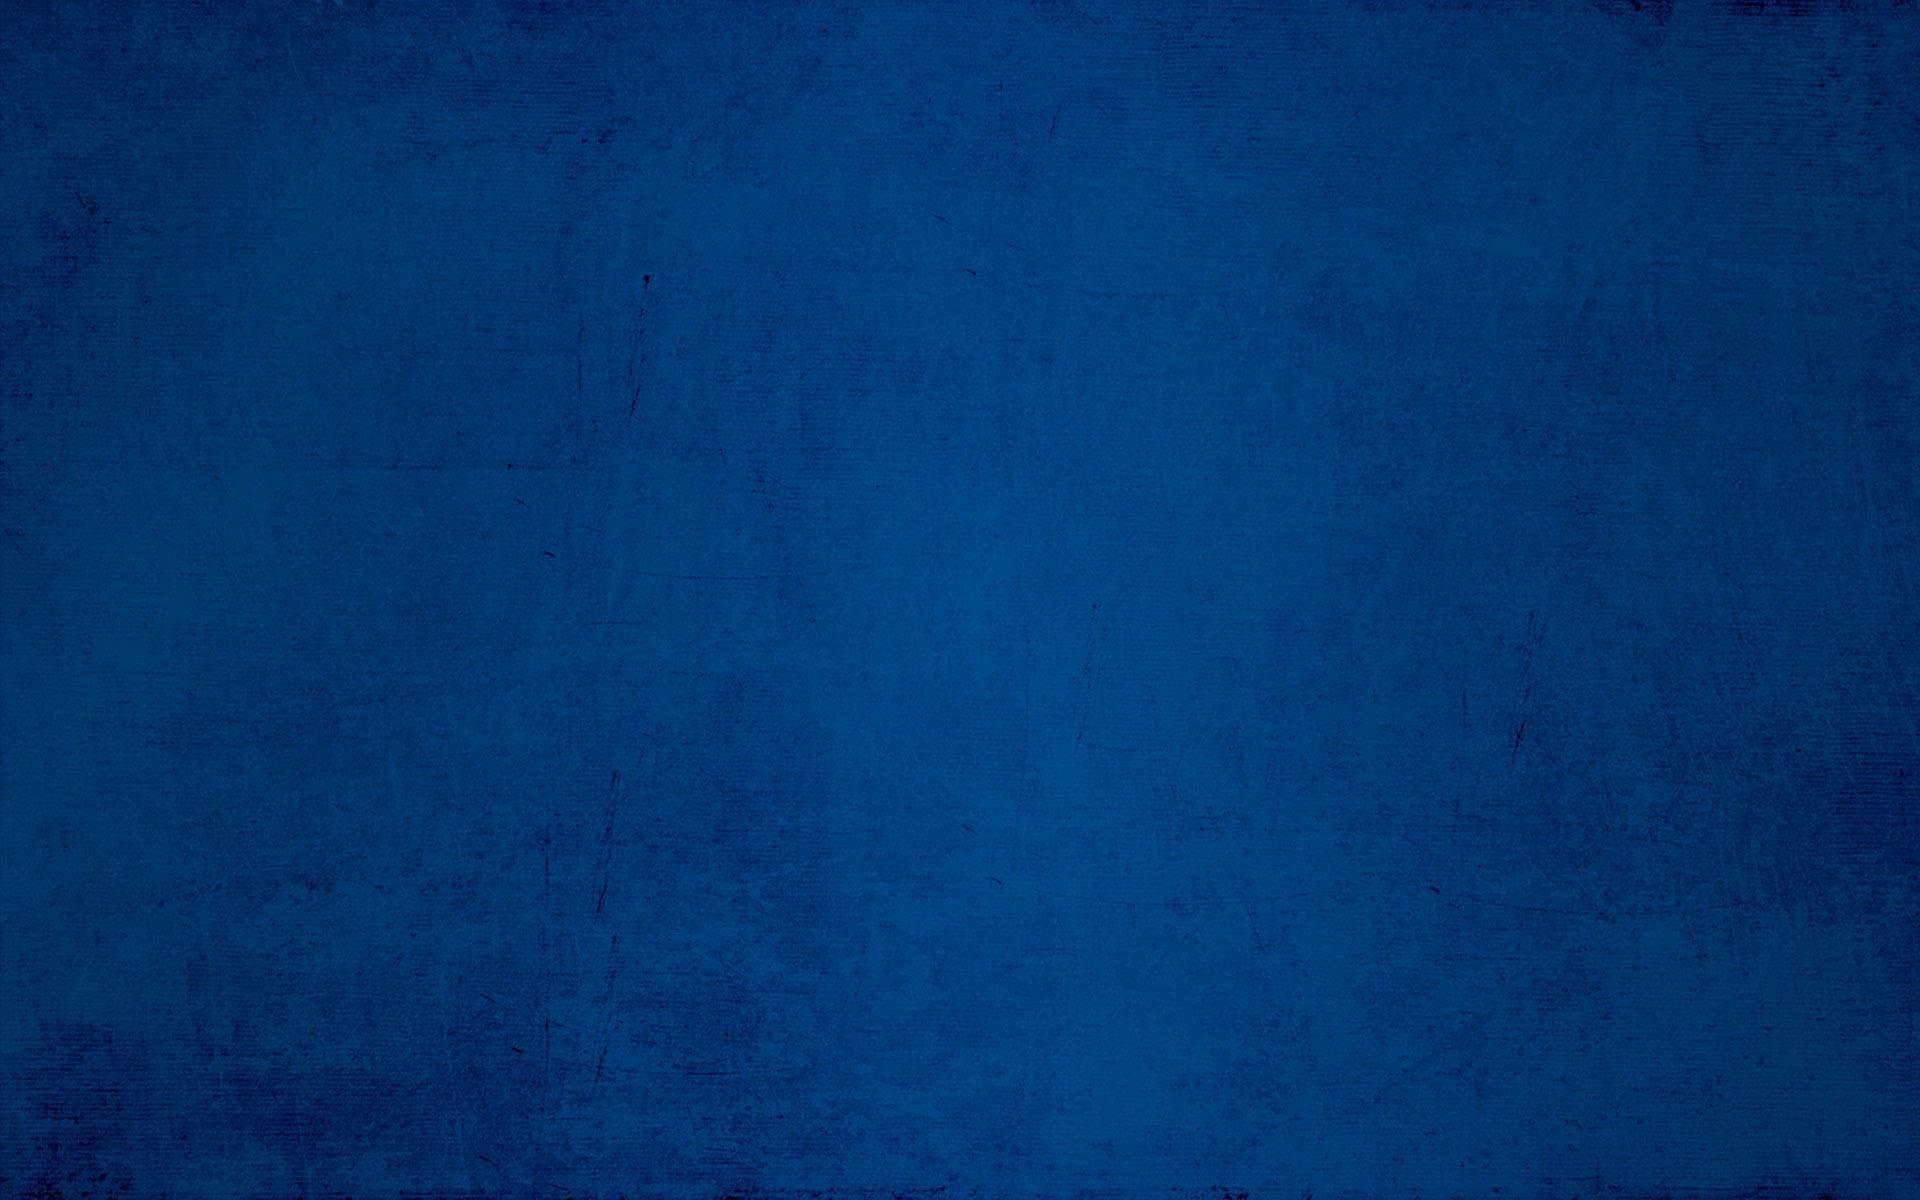 Light Pink Wallpaper Quotes Blue Textured Wallpapers Hd Pixelstalk Net